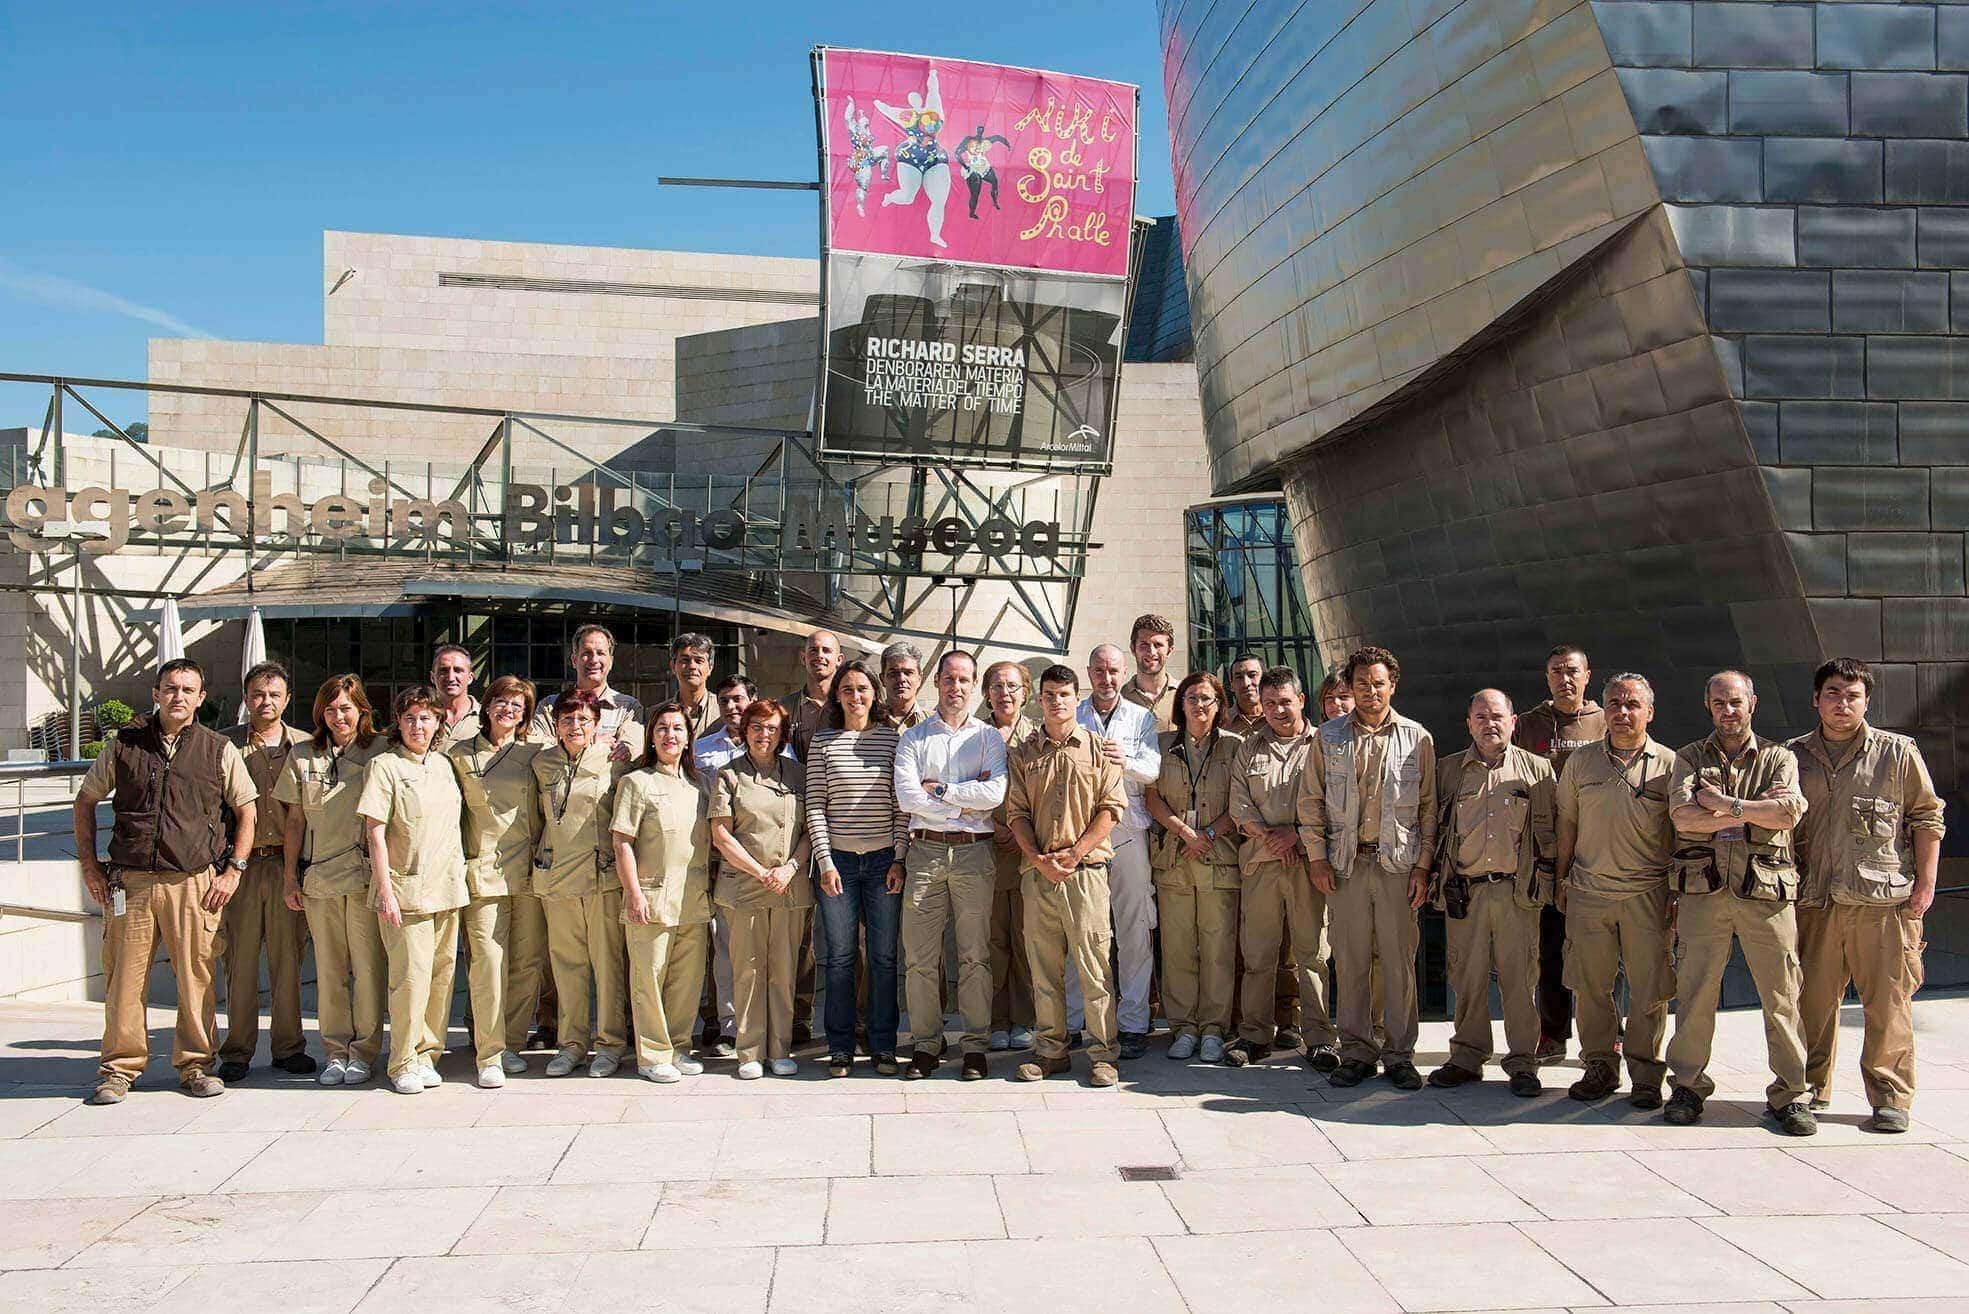 Trabajadores de mantenimiento del Guggenheim